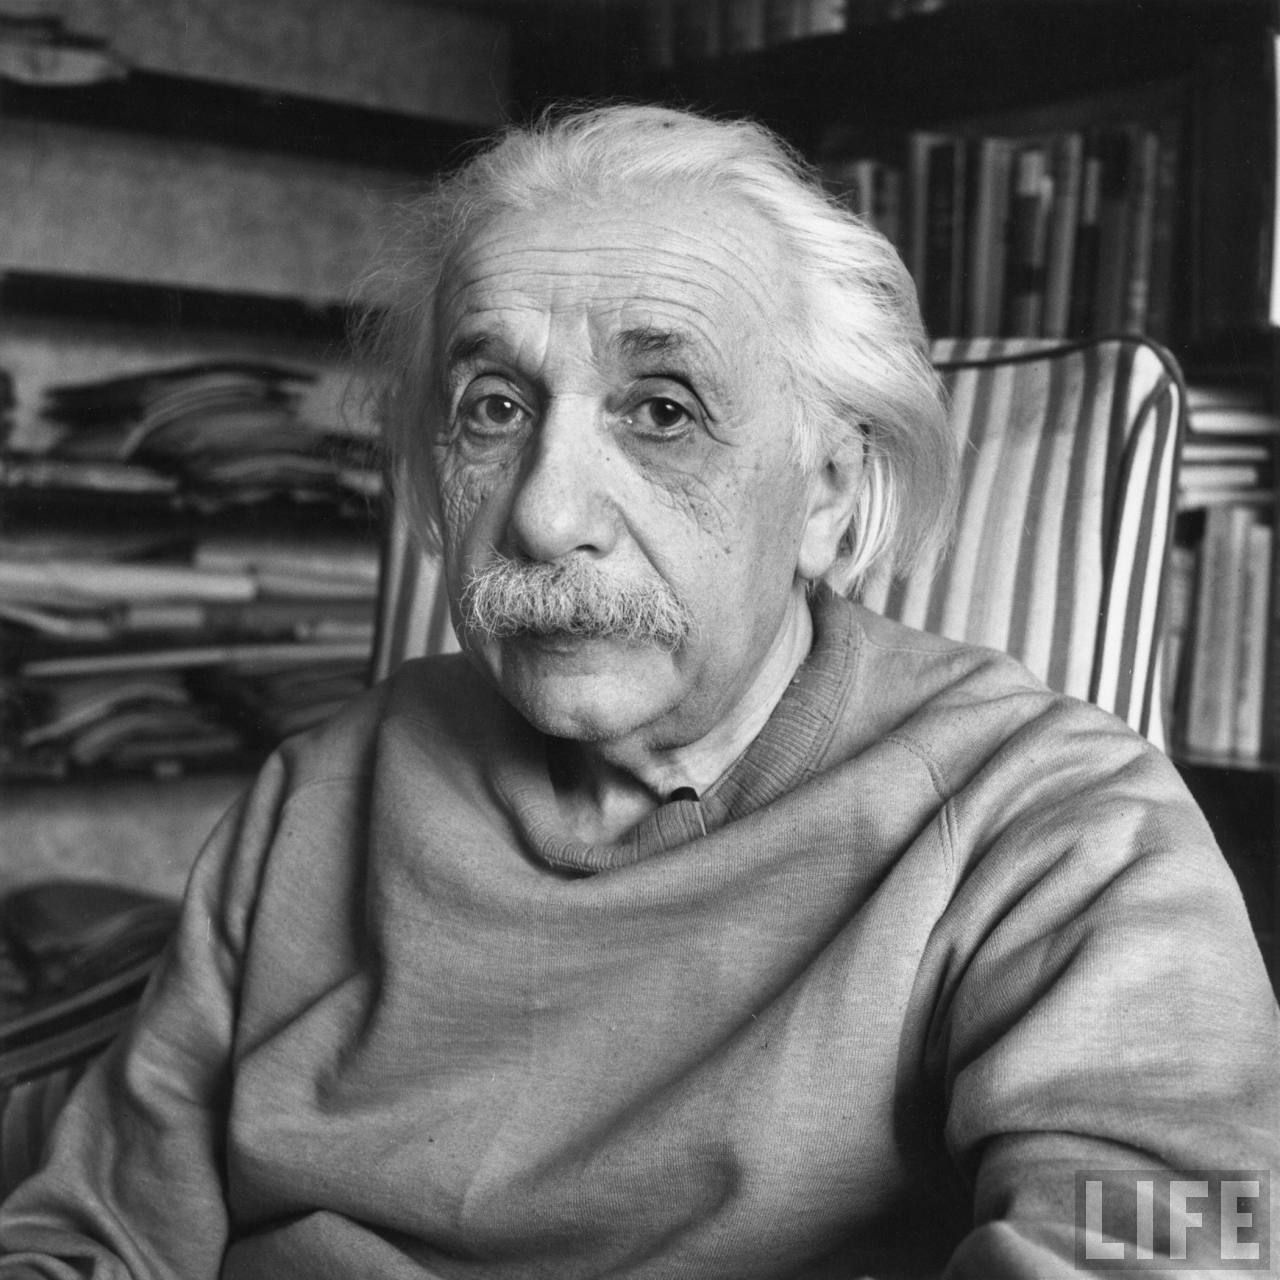 Portrait of Professor Albert Einstein. Location: US  Date taken: 1947  Photographer: Alfred Eisenstaedt